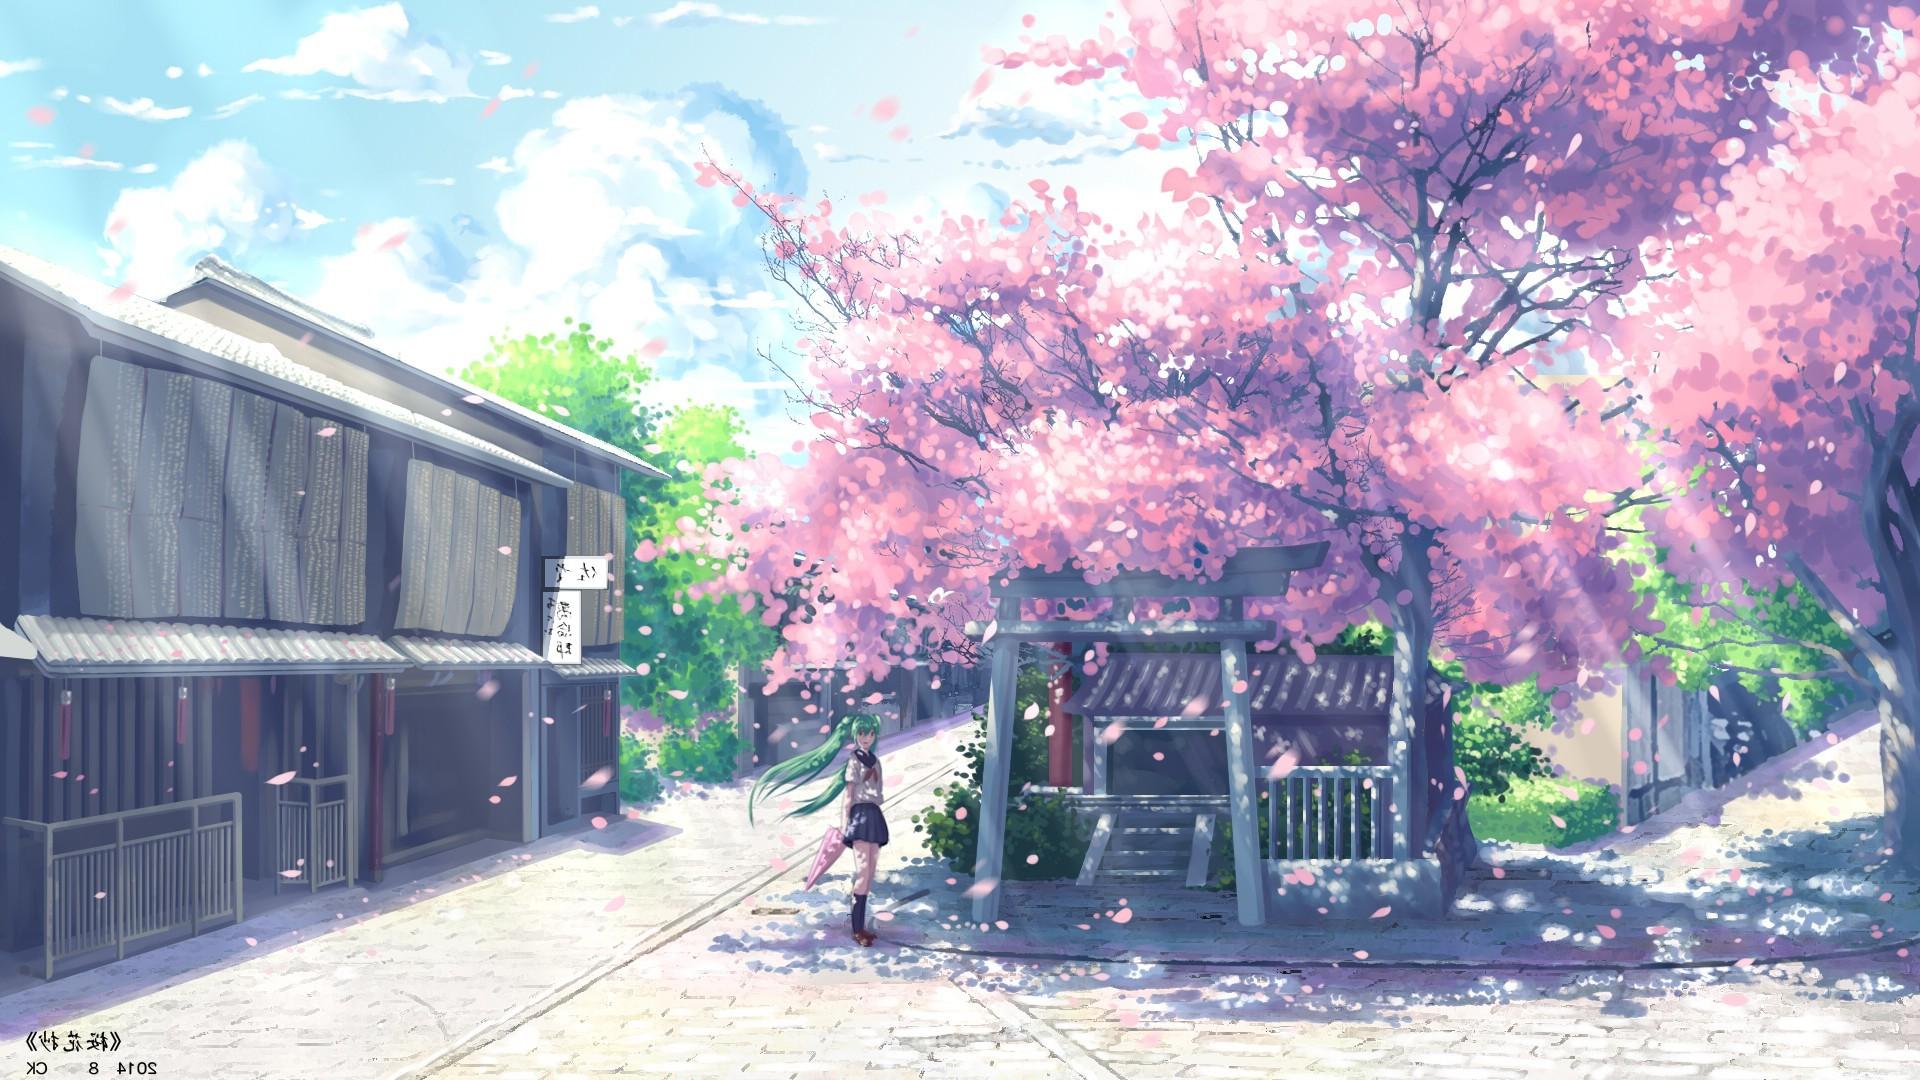 Berita Terbaru Dan Terpanas Anime Aesthetic Wallpaper